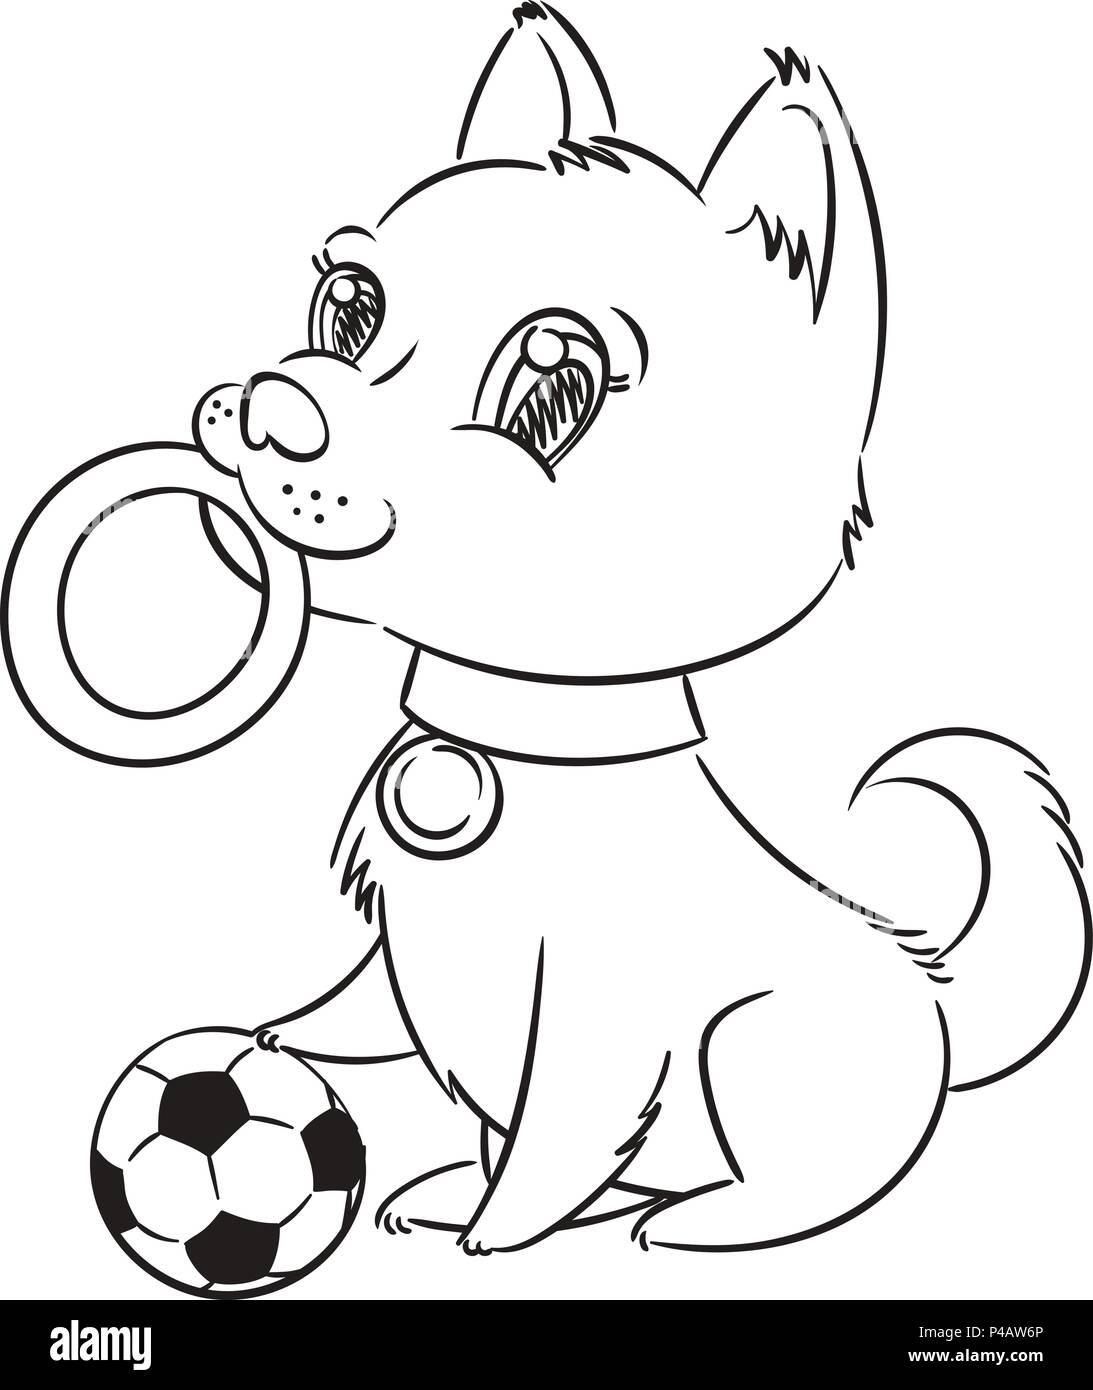 Fantastisch Fußball Helm Färbung Seite Ideen - Entry Level Resume ...